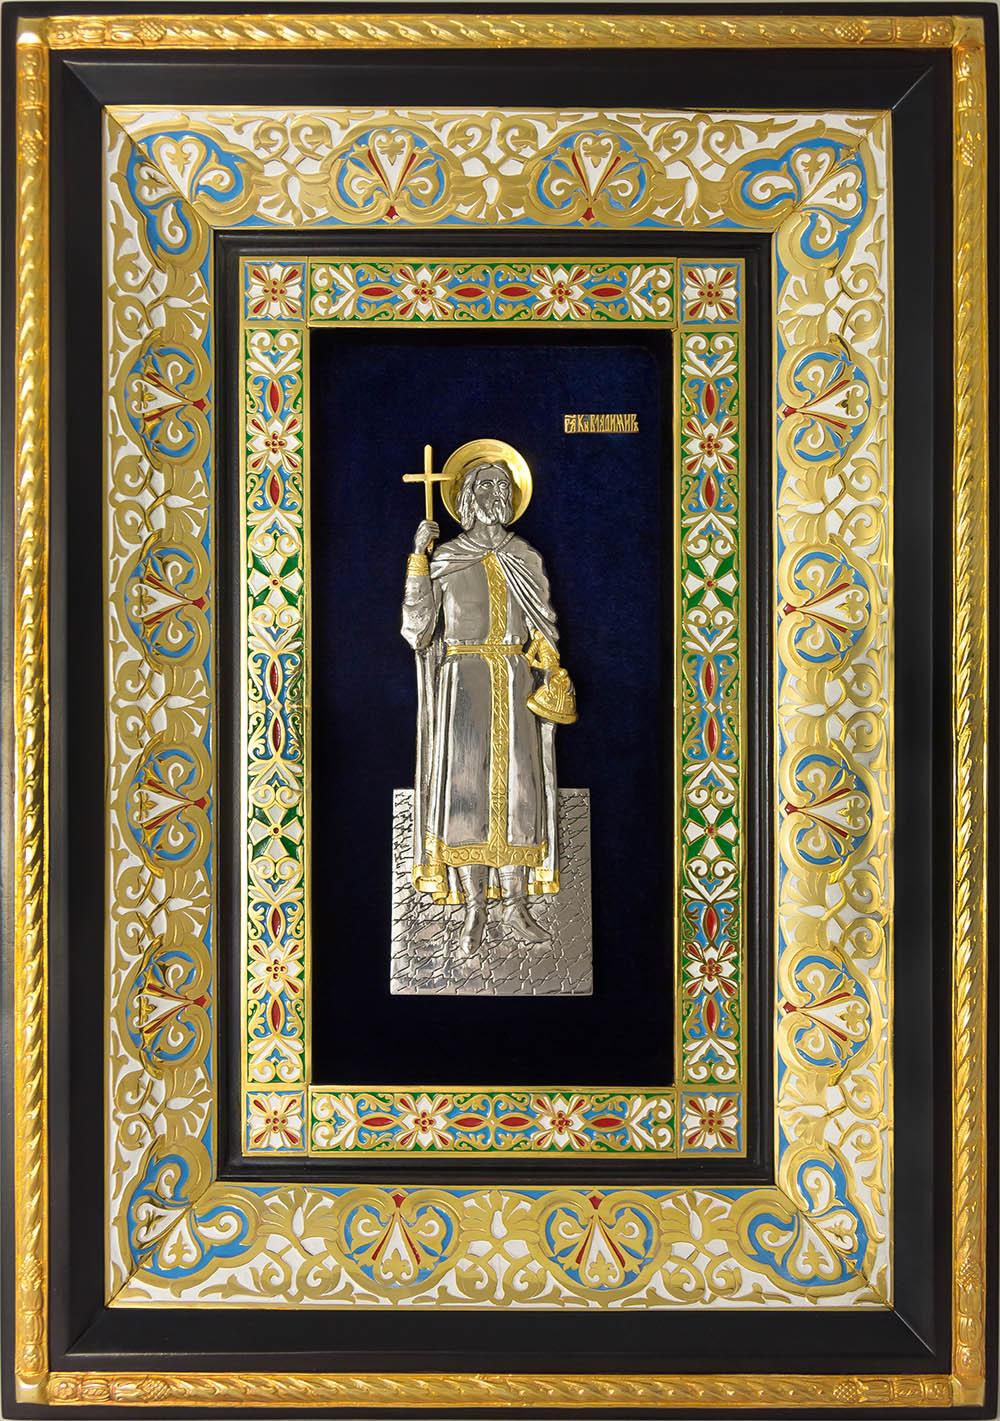 фото икона святого равноапостольного князя Владимира гальванопластика холодная эмаль серебро золото